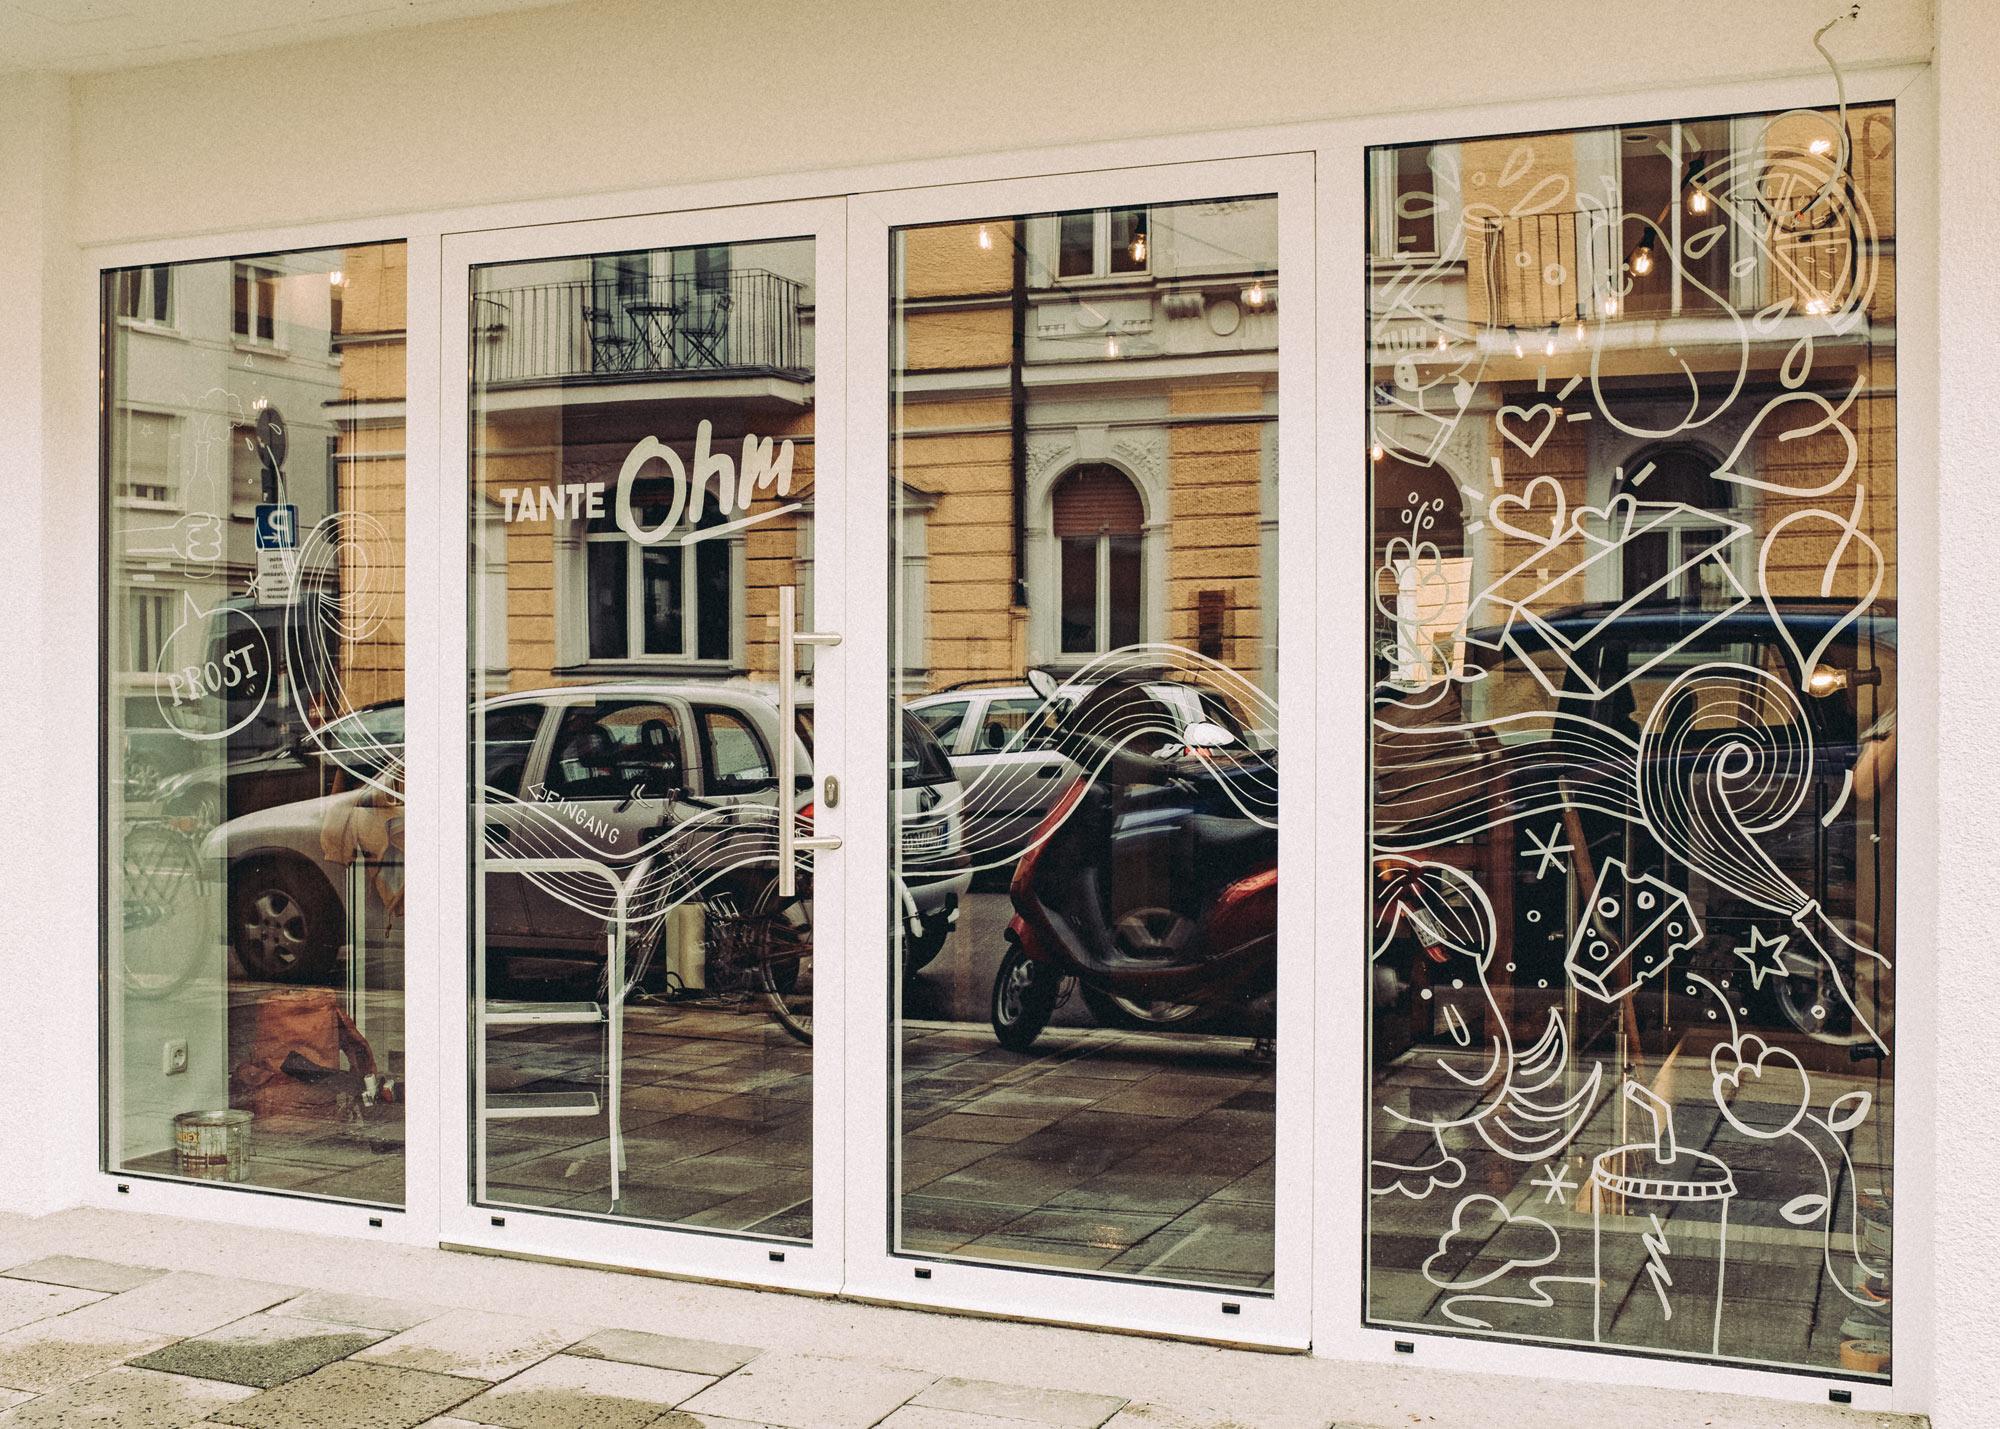 Foto der kompletten Schaufensterfläche des Superkiosks Tante Ohm in München